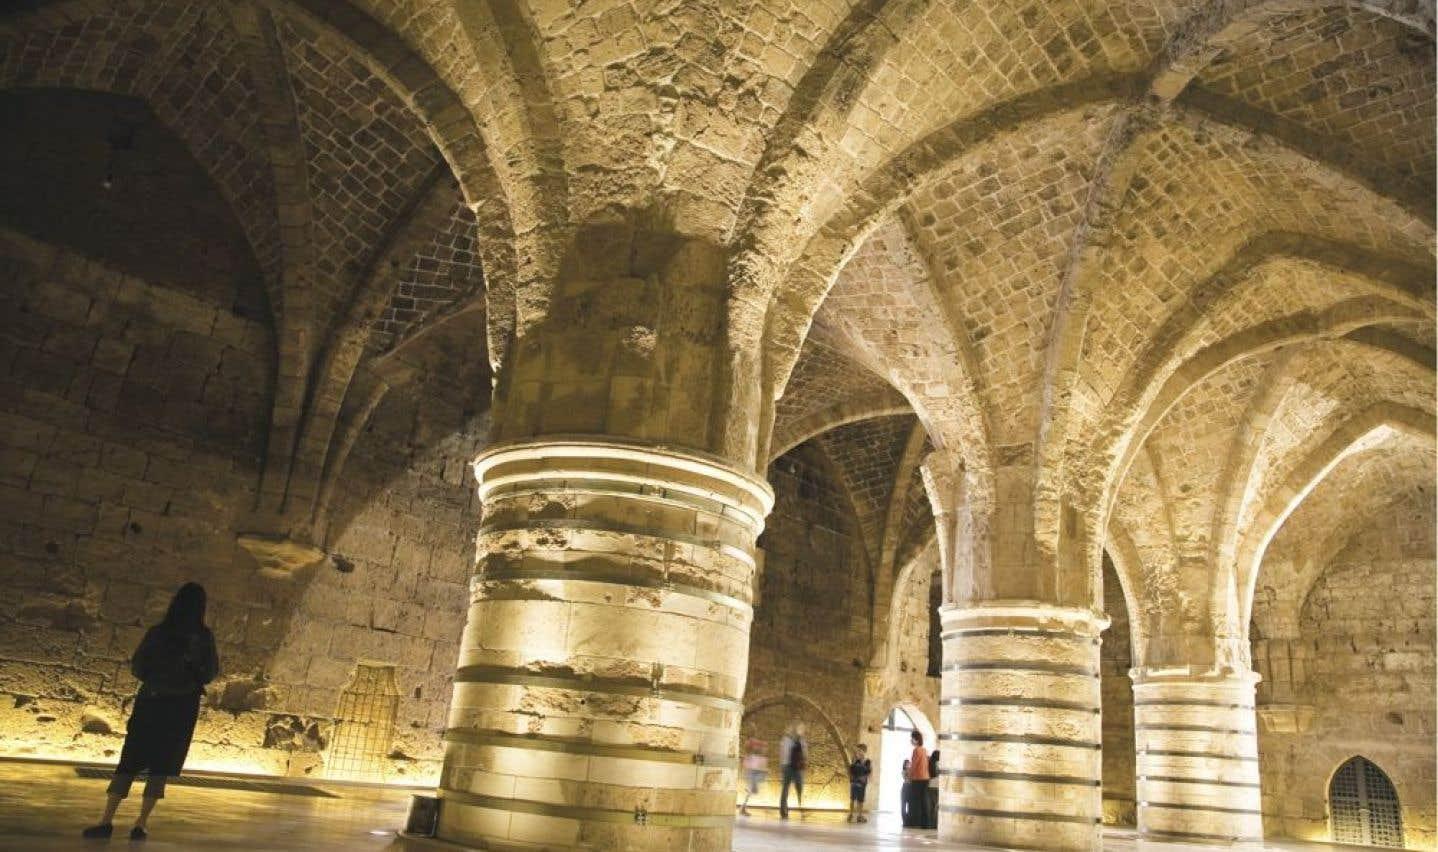 La salle des chevaliers à Saint-Jean d'Acre